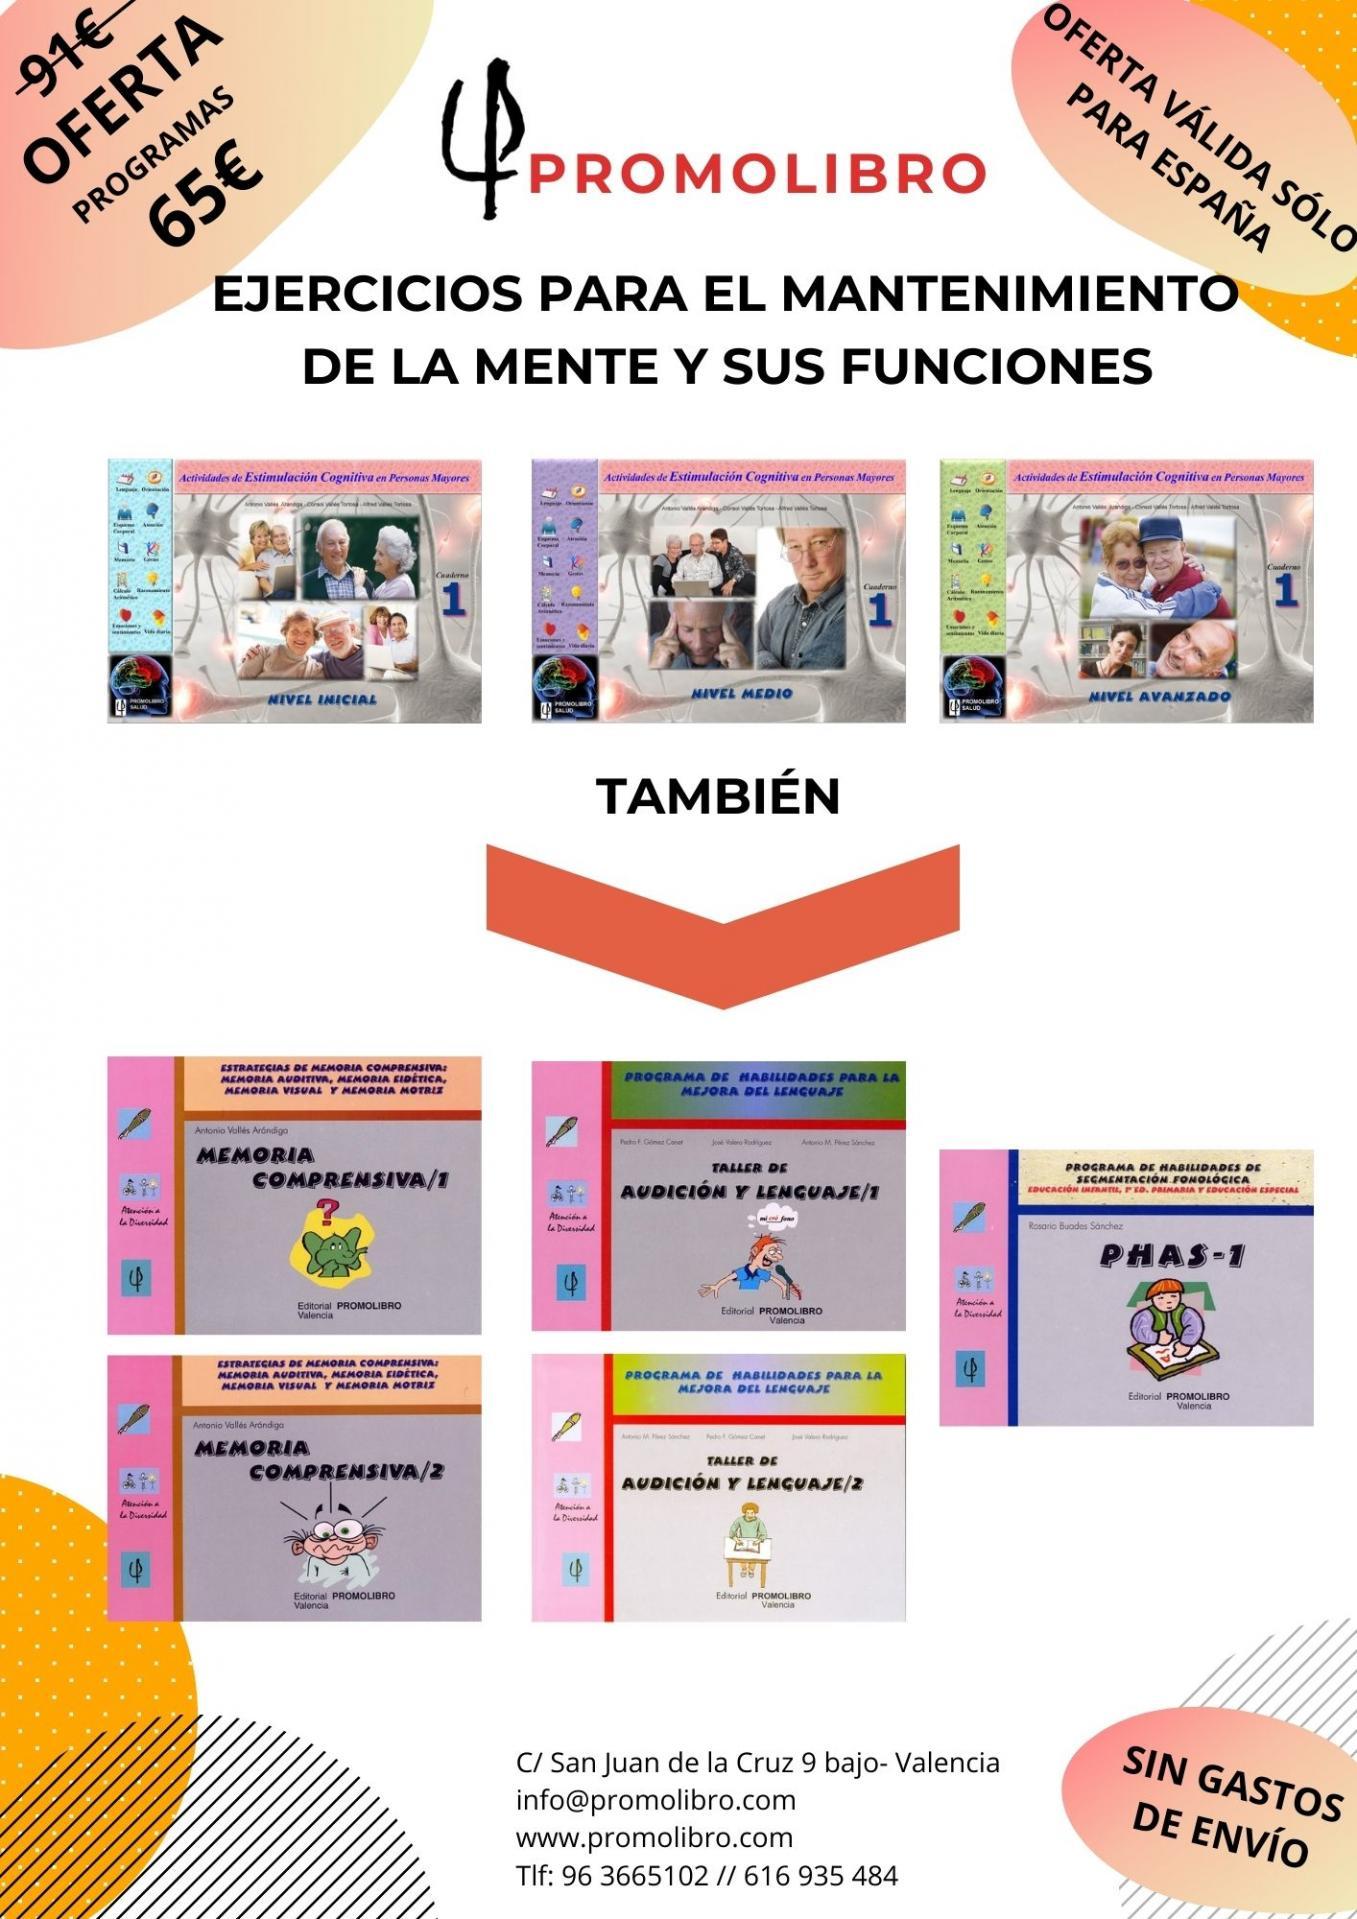 OFERTA CUADERNOS DE EJERCICIOS PARA EL MANTENIMIENTO DE LA MENTE Y DE SUS FUNCIONES